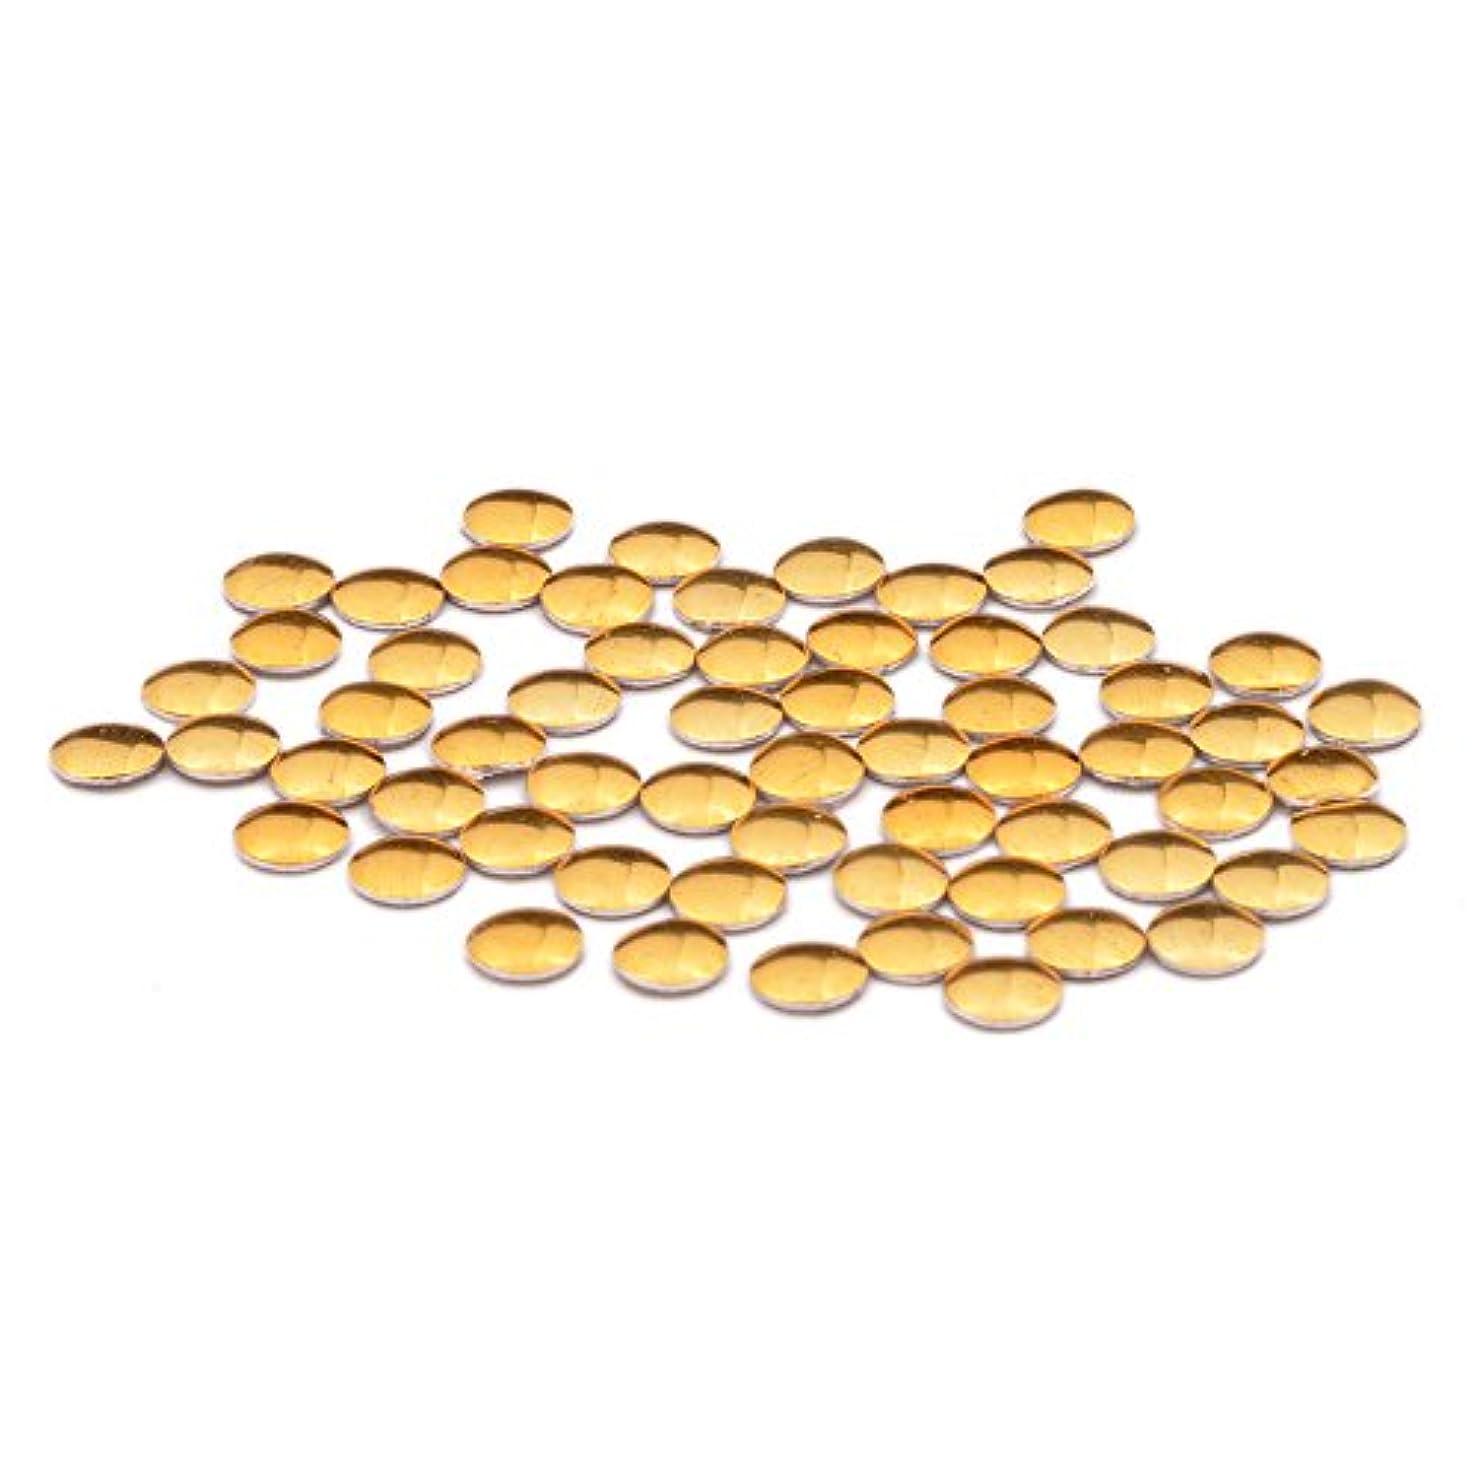 エクスタシーリズミカルな癌ラウンド メタルスタッズ 丸型(0.8mm/1mm/1.2mm/1.5mm/2mm/2.5mm/3mm)約50粒入り (1.2mm, ゴールド)